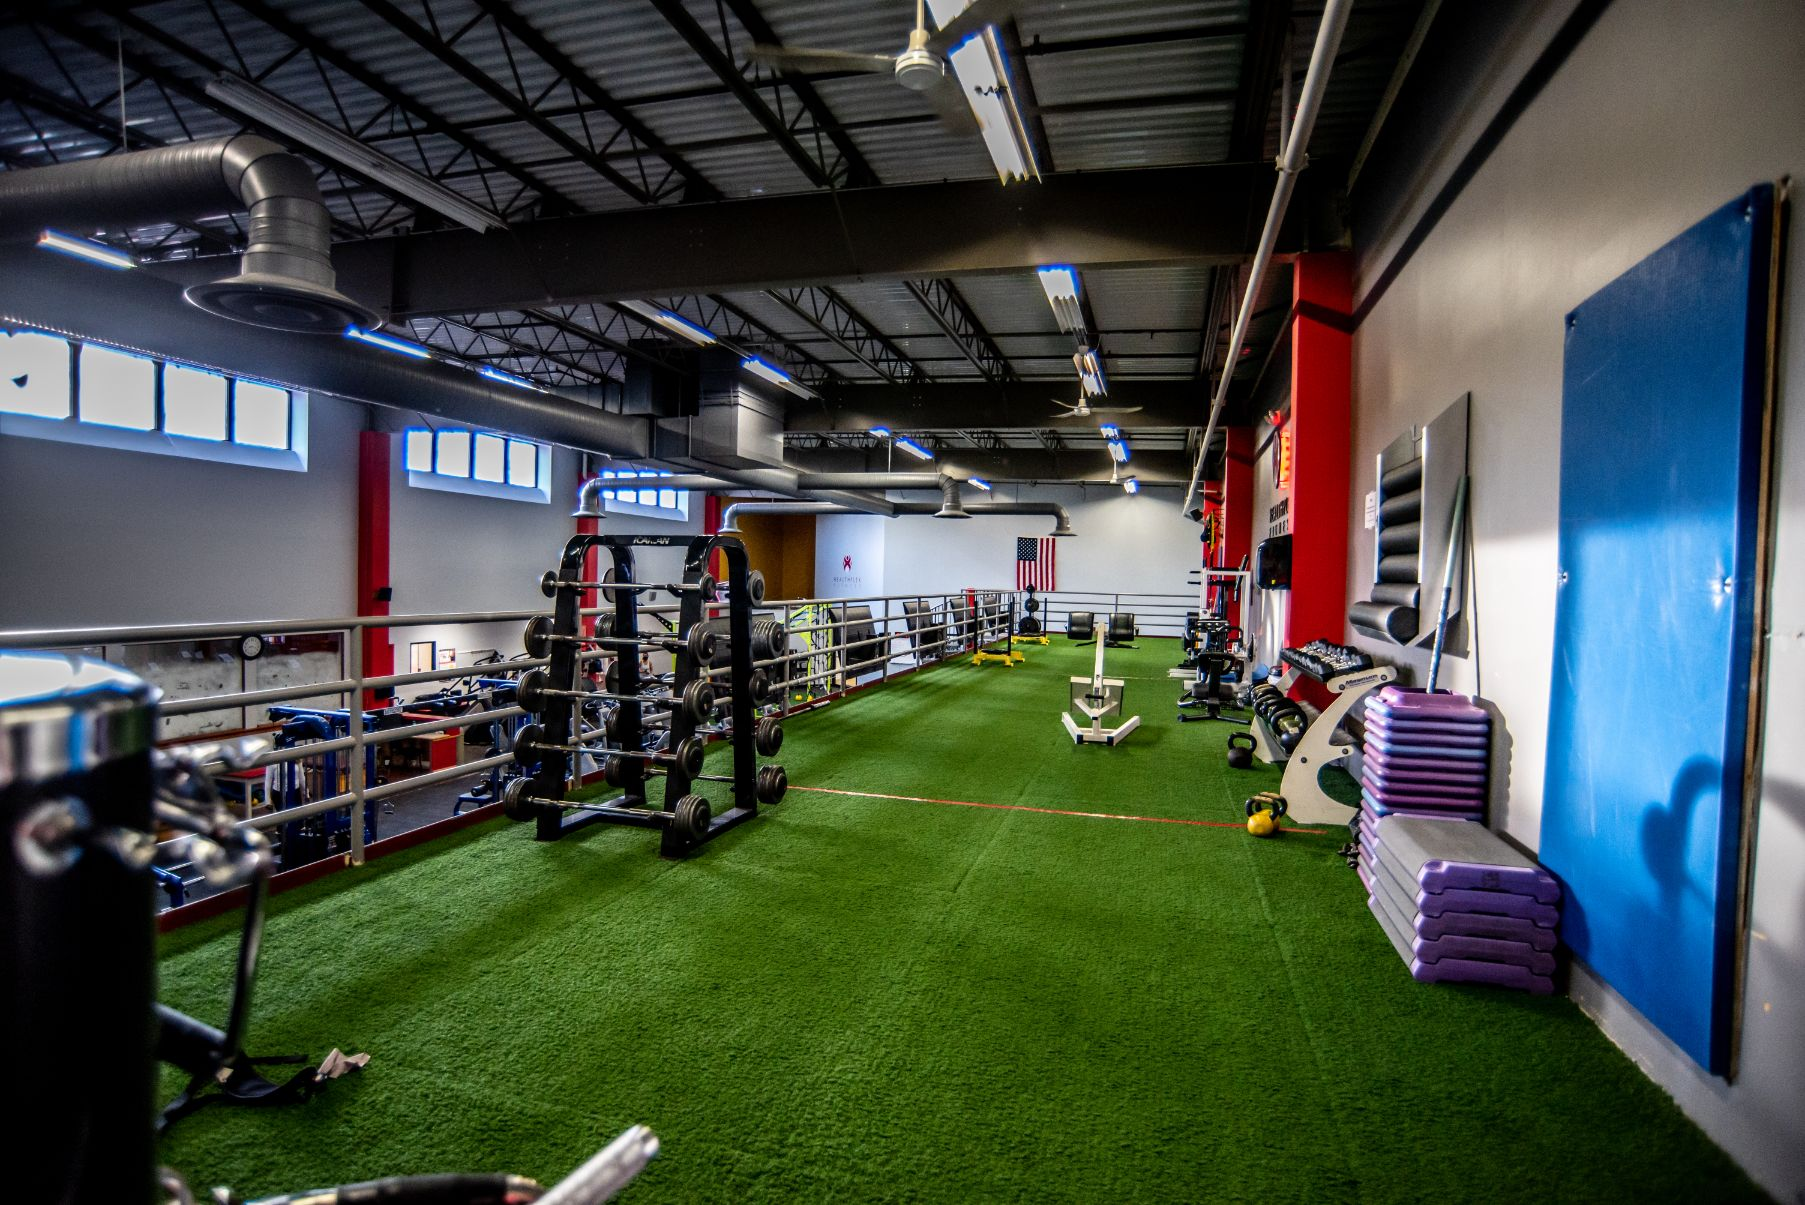 Healthplex Fitness Clifton Park NY 1-on-1 Training